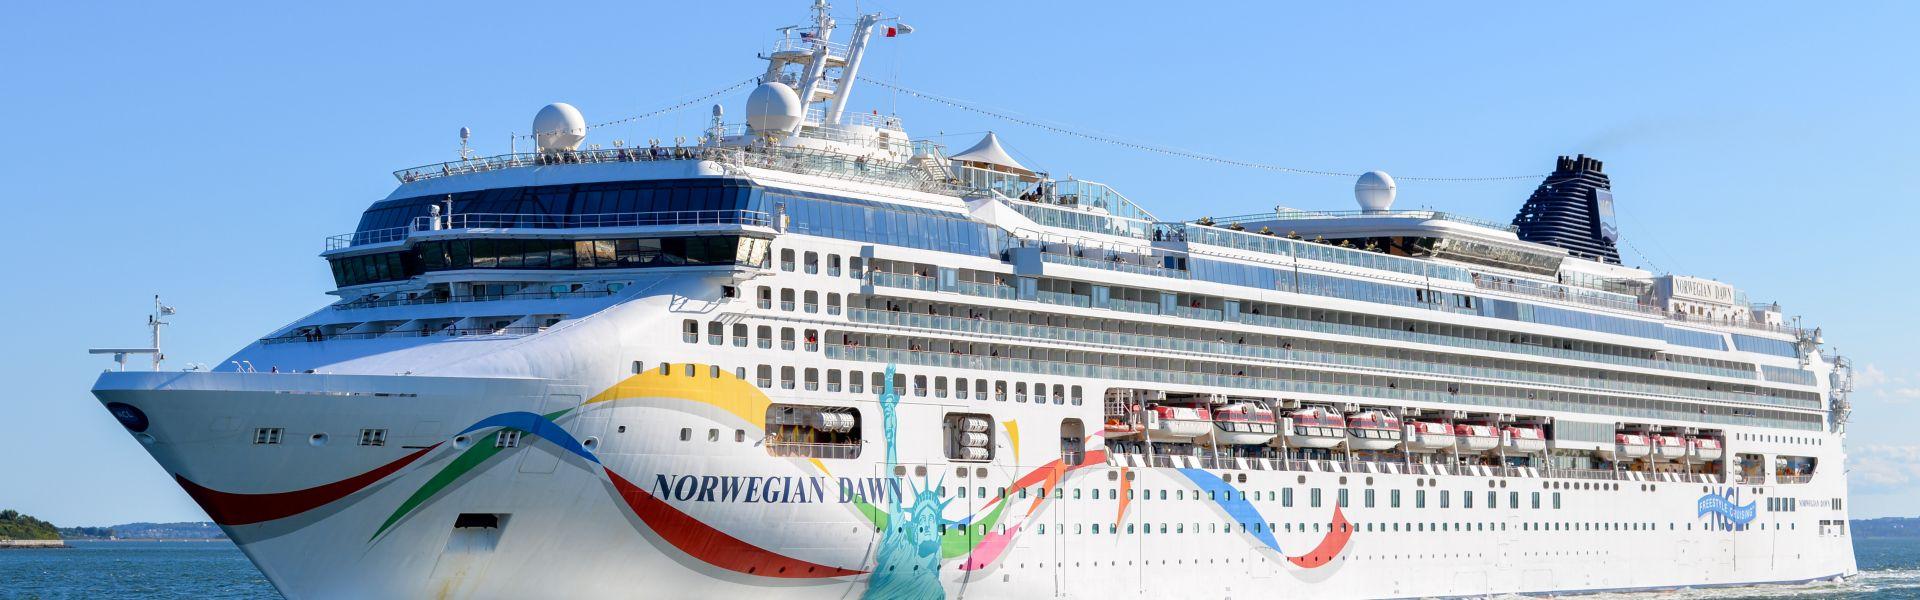 Croaziera 2017 - Caraibele de Sud (San Juan) - Norwegian Cruise Line - Norwegian Dawn - 10 nopti